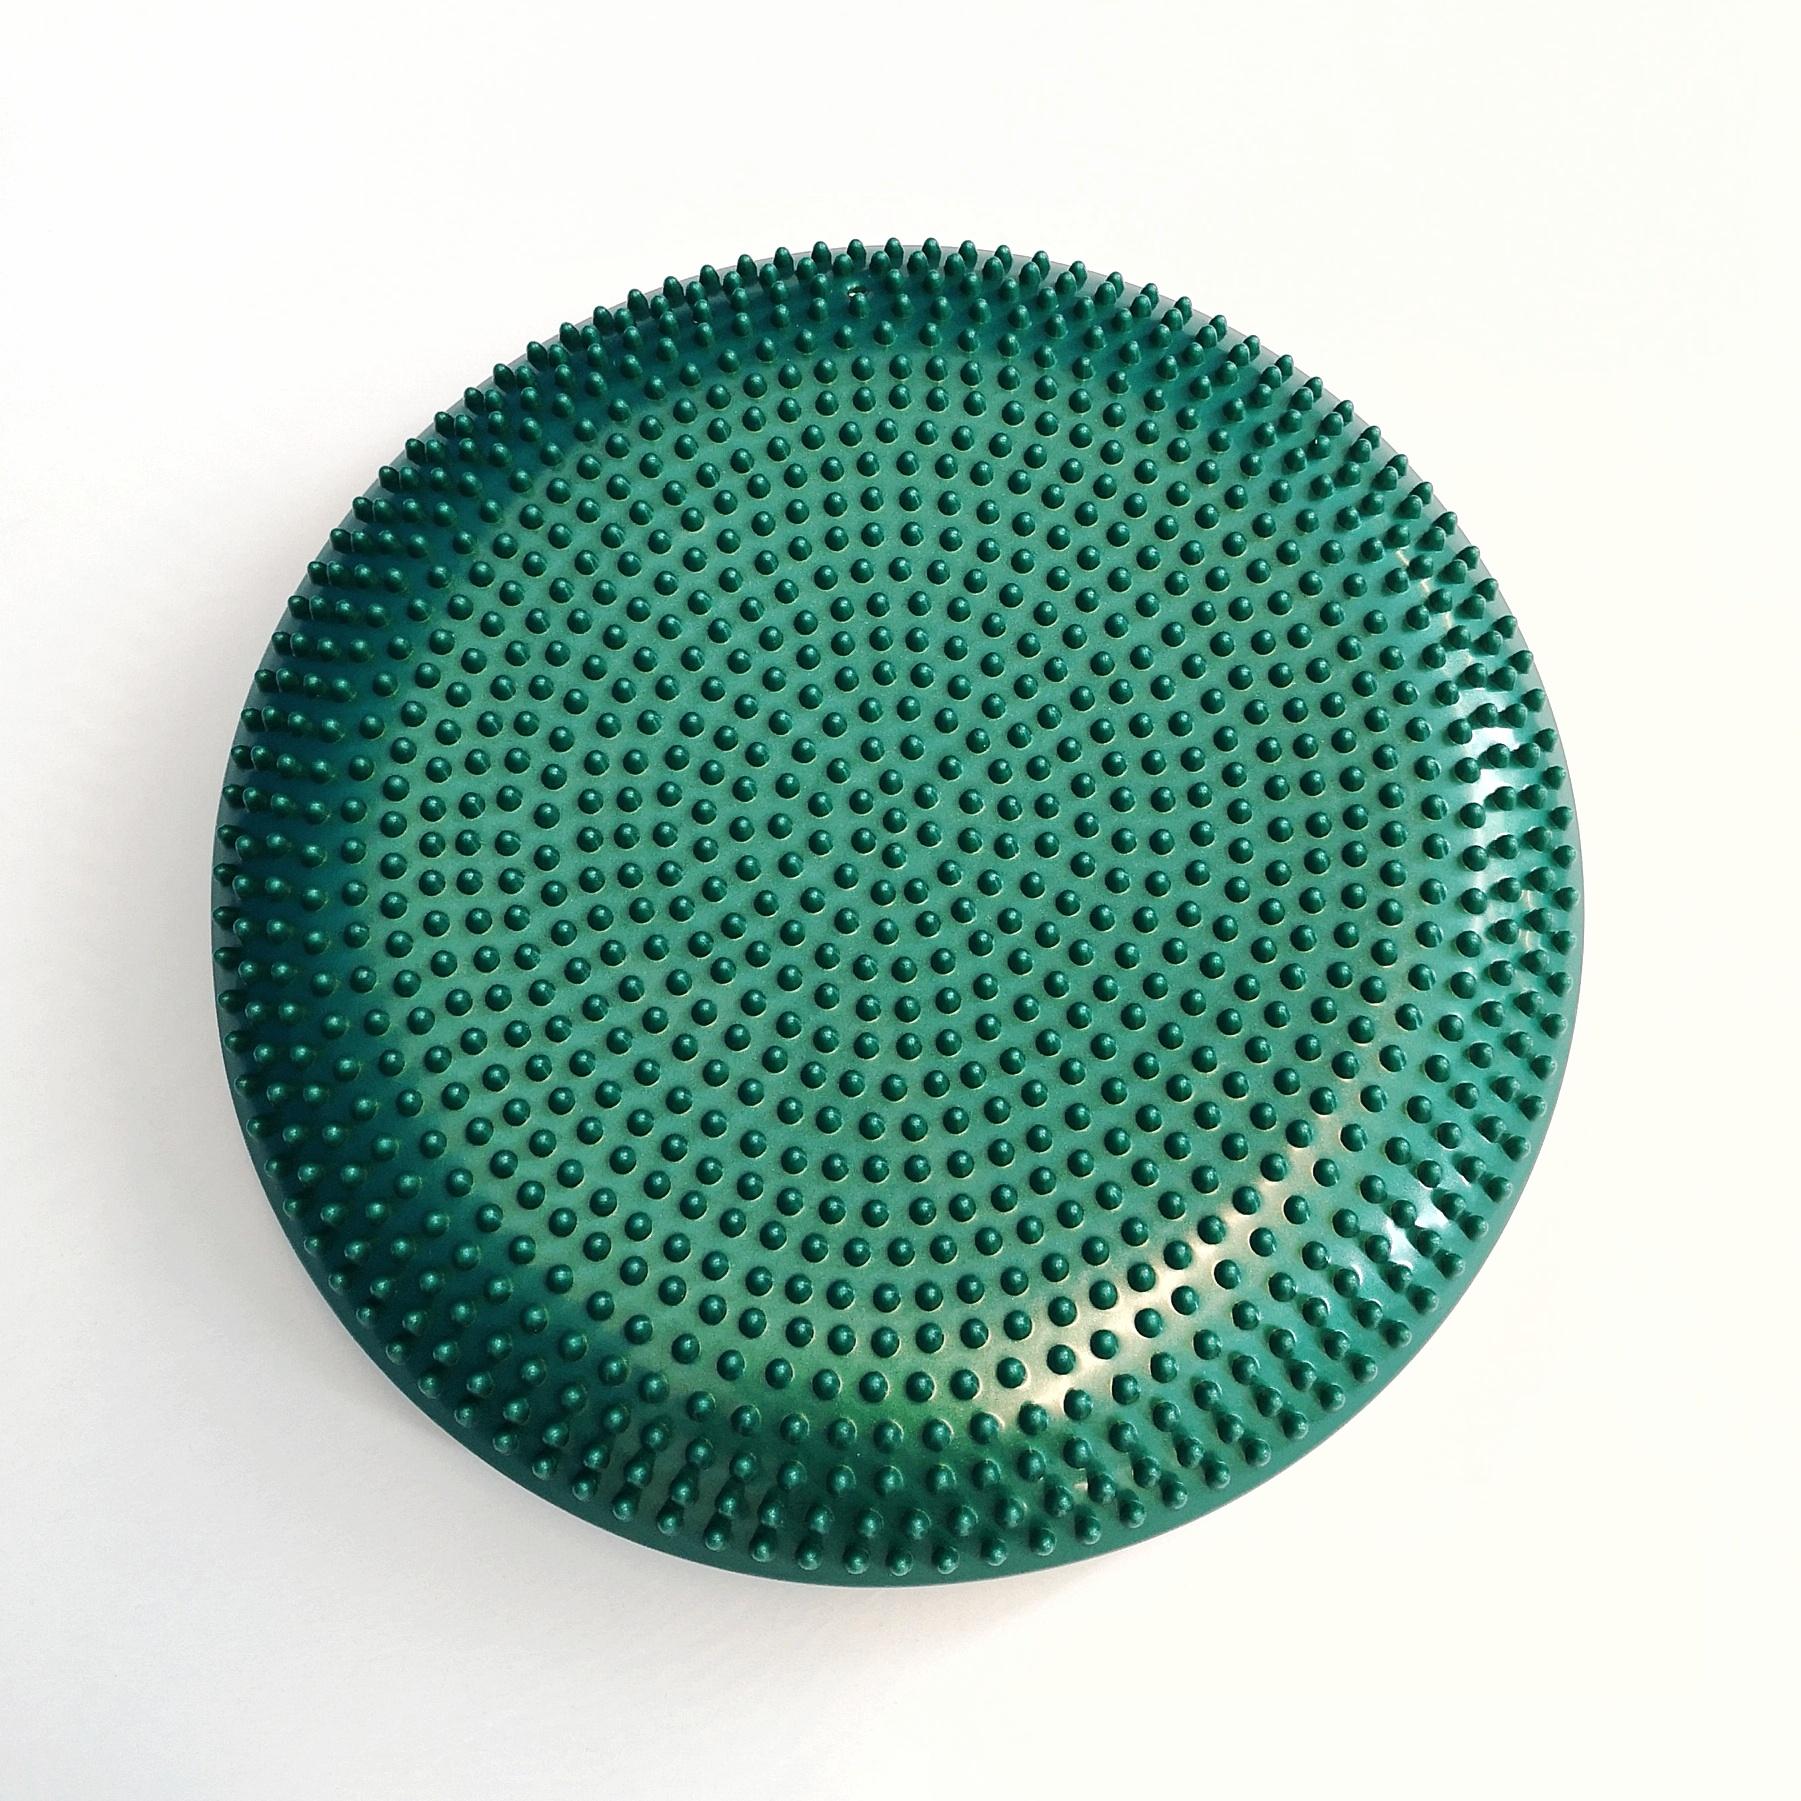 Sitzkissen RFM - Grün